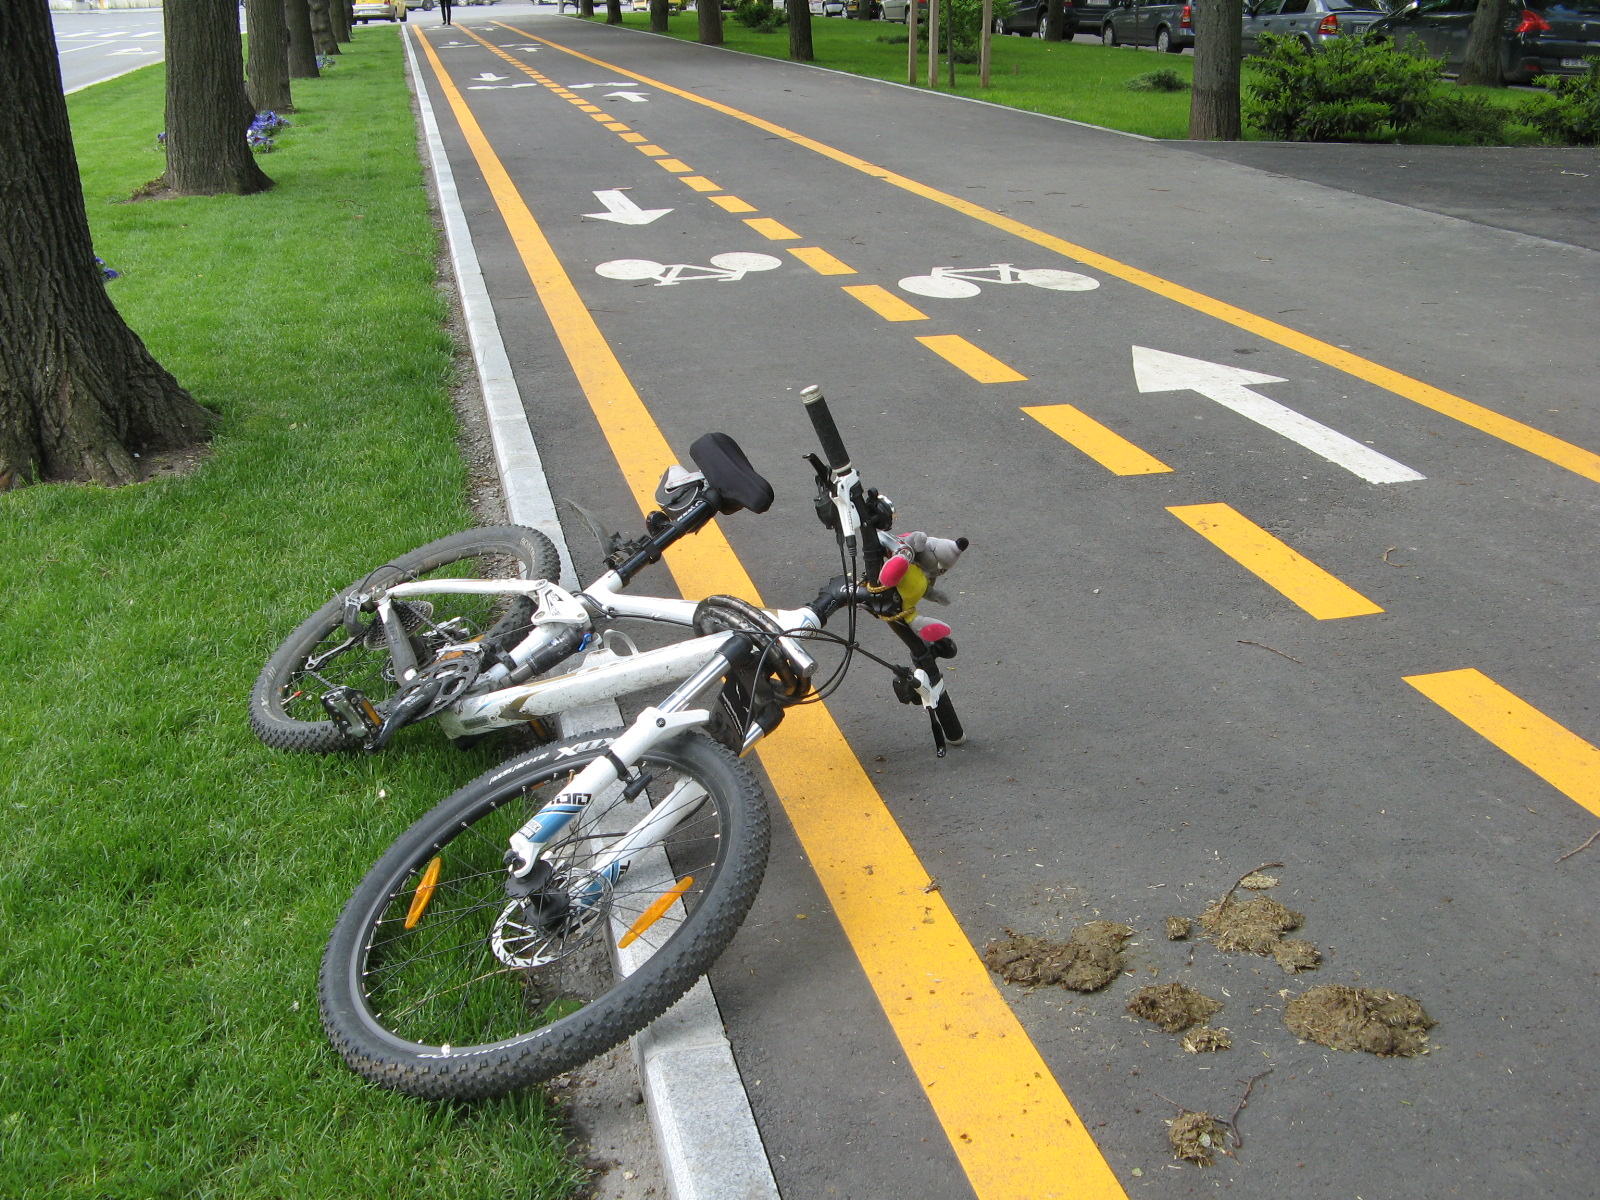 Primarul General, Sorin Oprescu a propus astazi, 29 aprilie 2014, Consiliului General al Municipiului Bucuresti proiectul de Hotarare privind includerea in Bugetul propriu al Municipiului Bucuresti pe anul 2014 a sumelor aprobate de Guvernul Romaniei pentru implementarea unui sistem de transport cu bicicleta